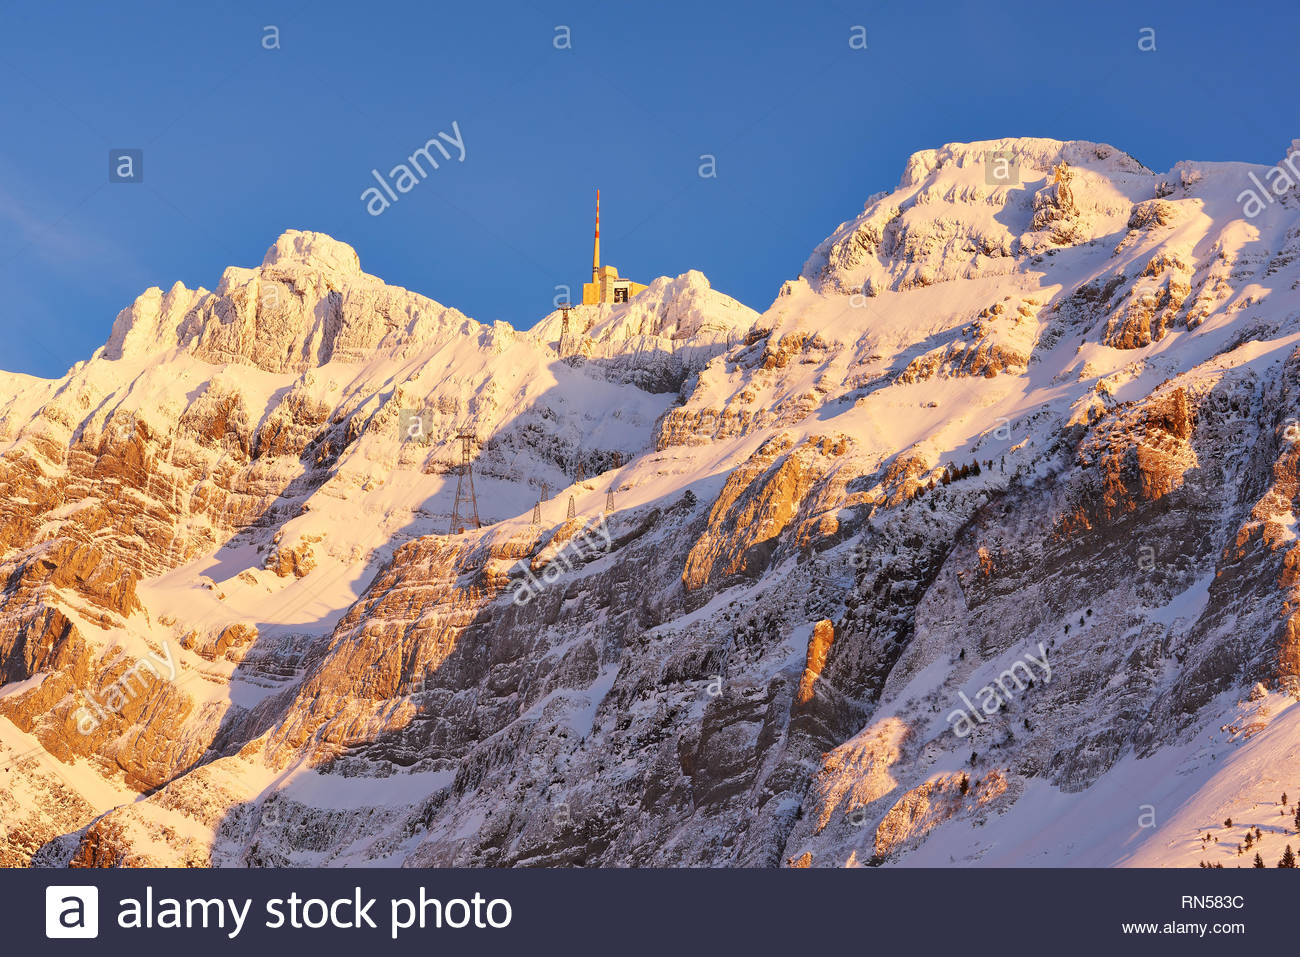 Säntis im Winter Bergstation mit Sendemast, schneebedecktes Felsmassiv im gelben Abendlicht, blauer Himmel, Seilbahnmasten Stockbild